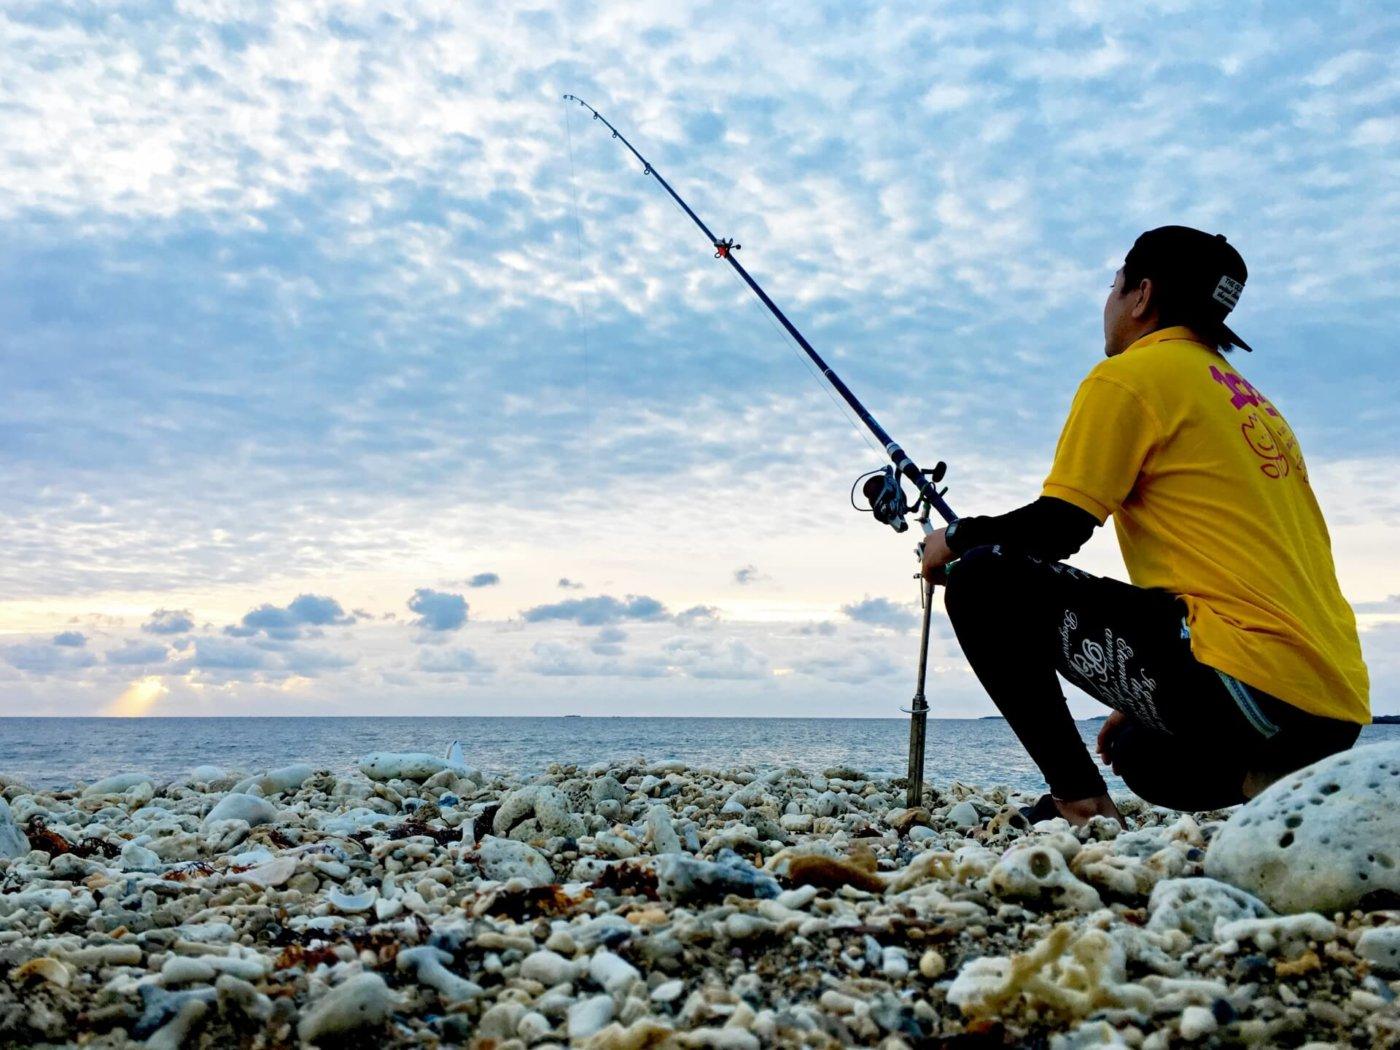 釣りをするのに風の確認は重要です!風予報の確認とその方法